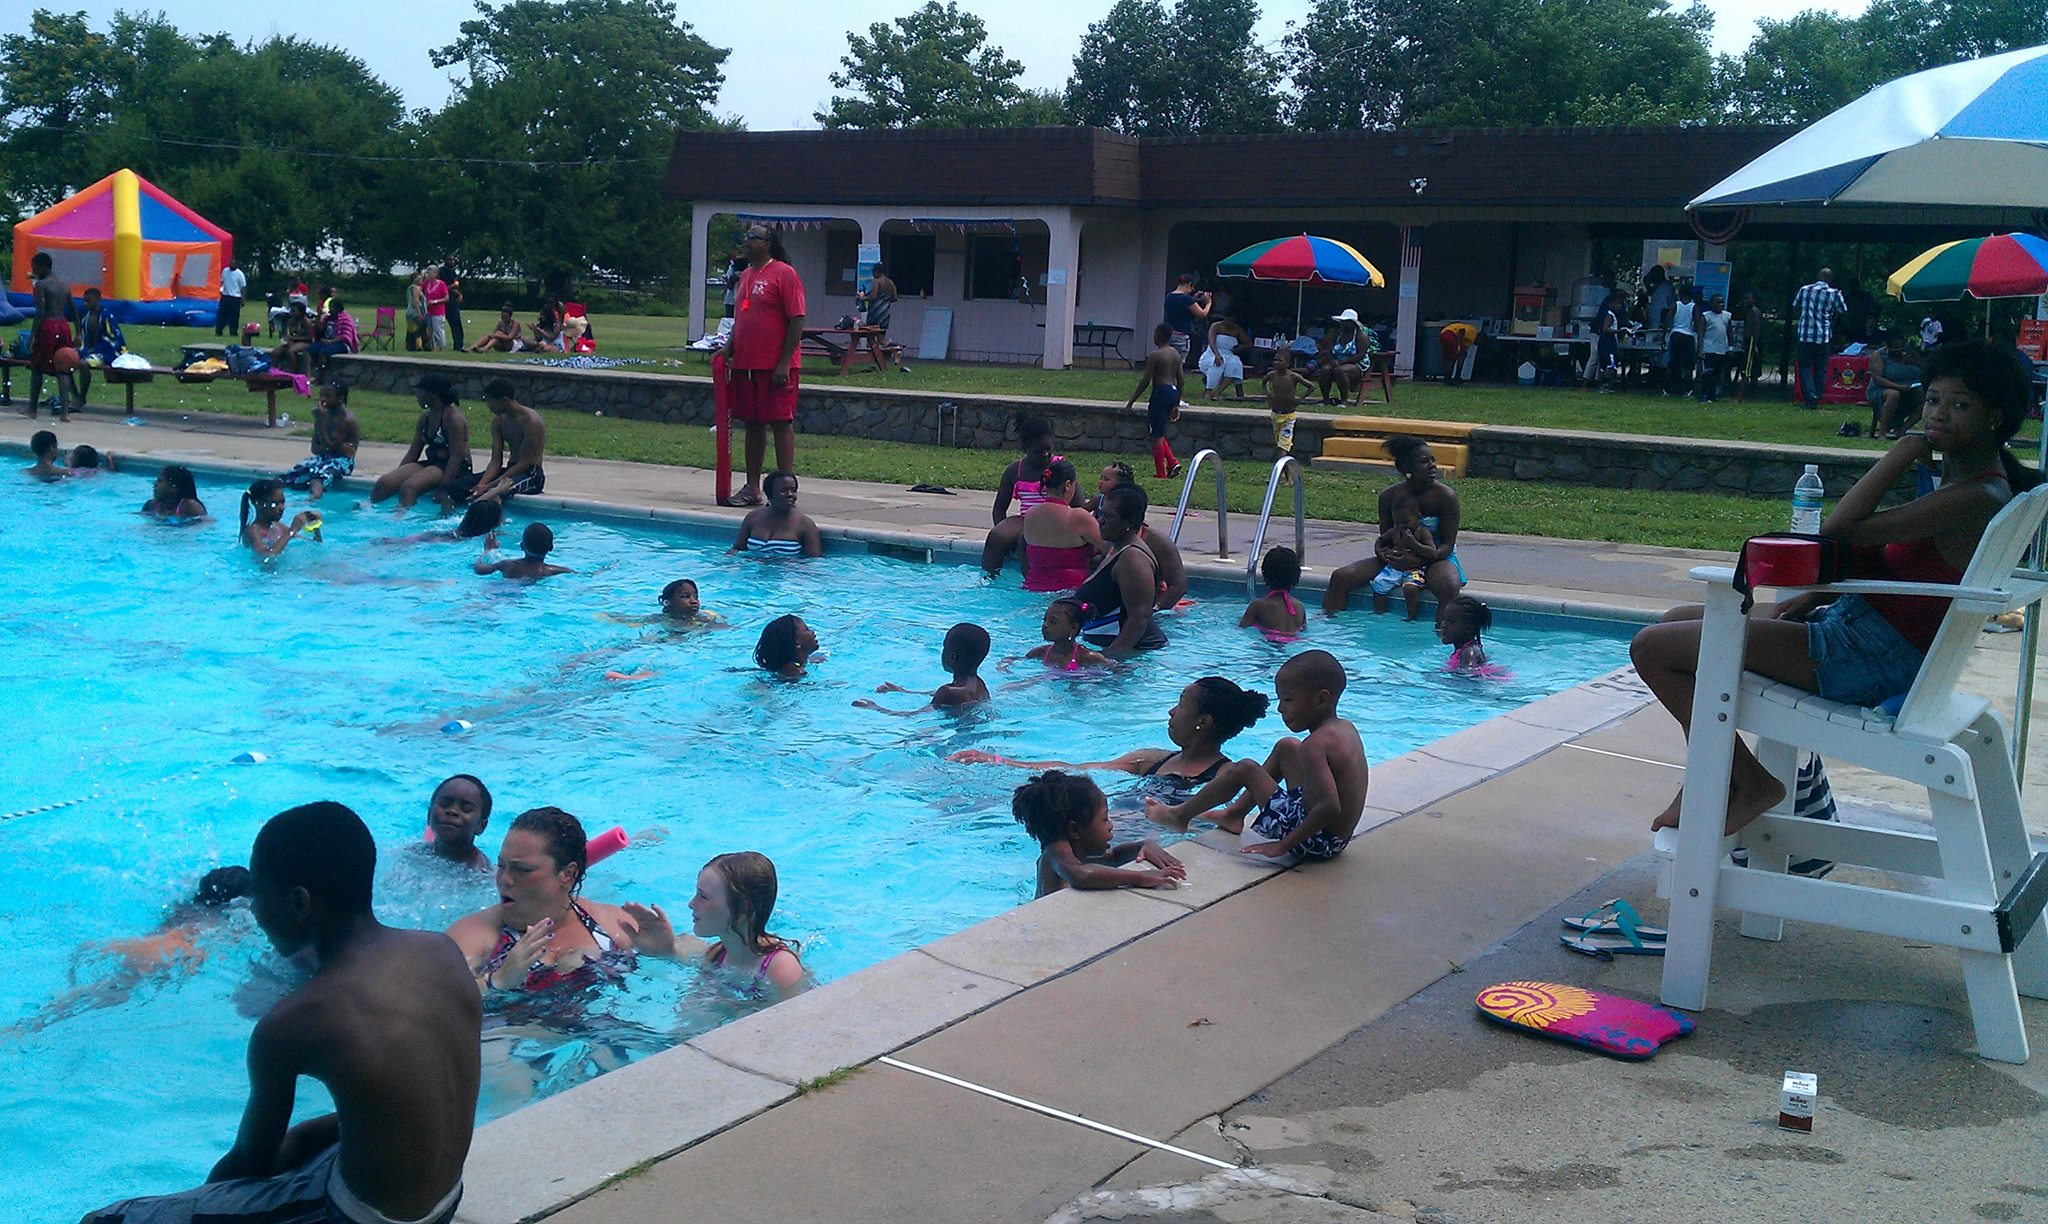 Historic Nile Swim Club in Yeadon Treading Water